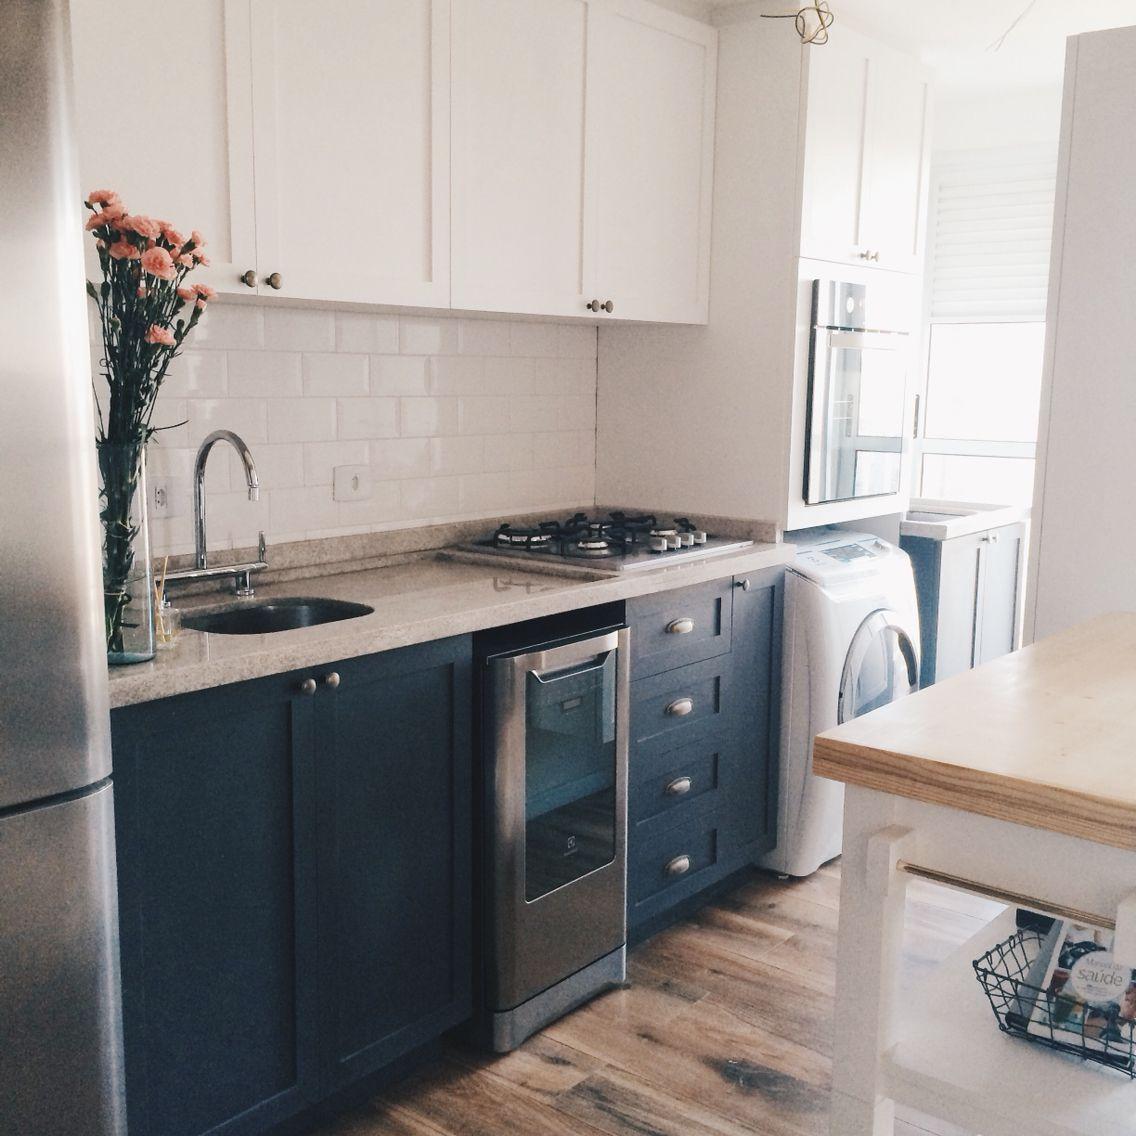 Cozinha Apartamento 33 Apartamento 33 Pinterest Cozinha